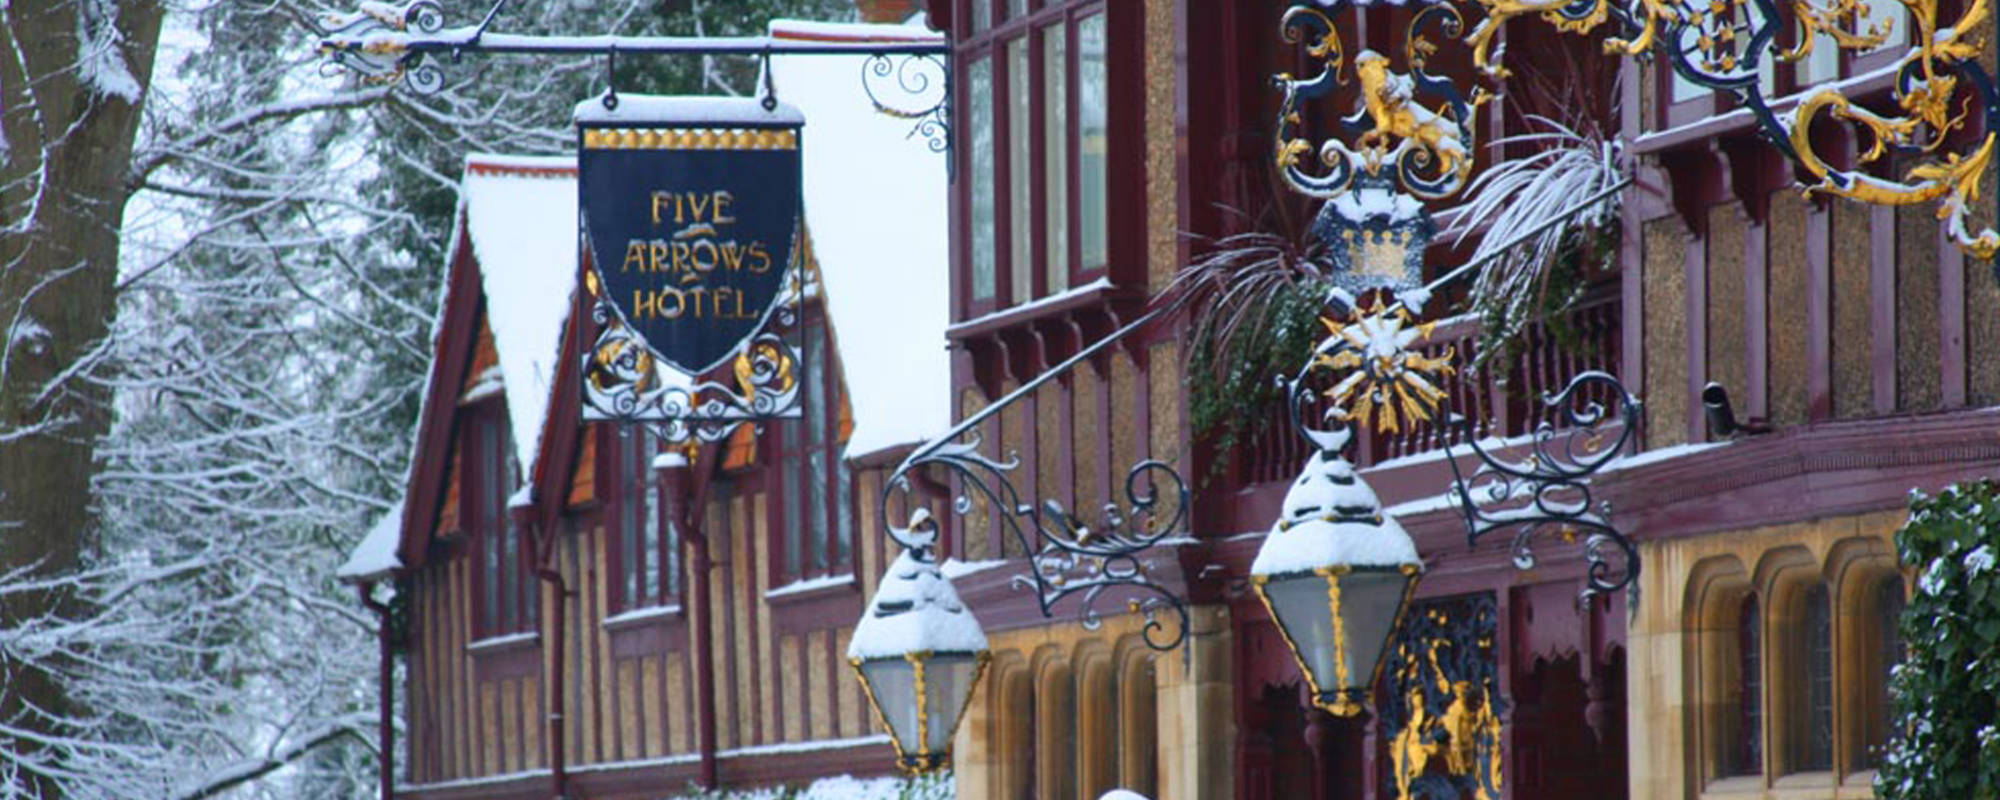 Five arrows hotel in winter